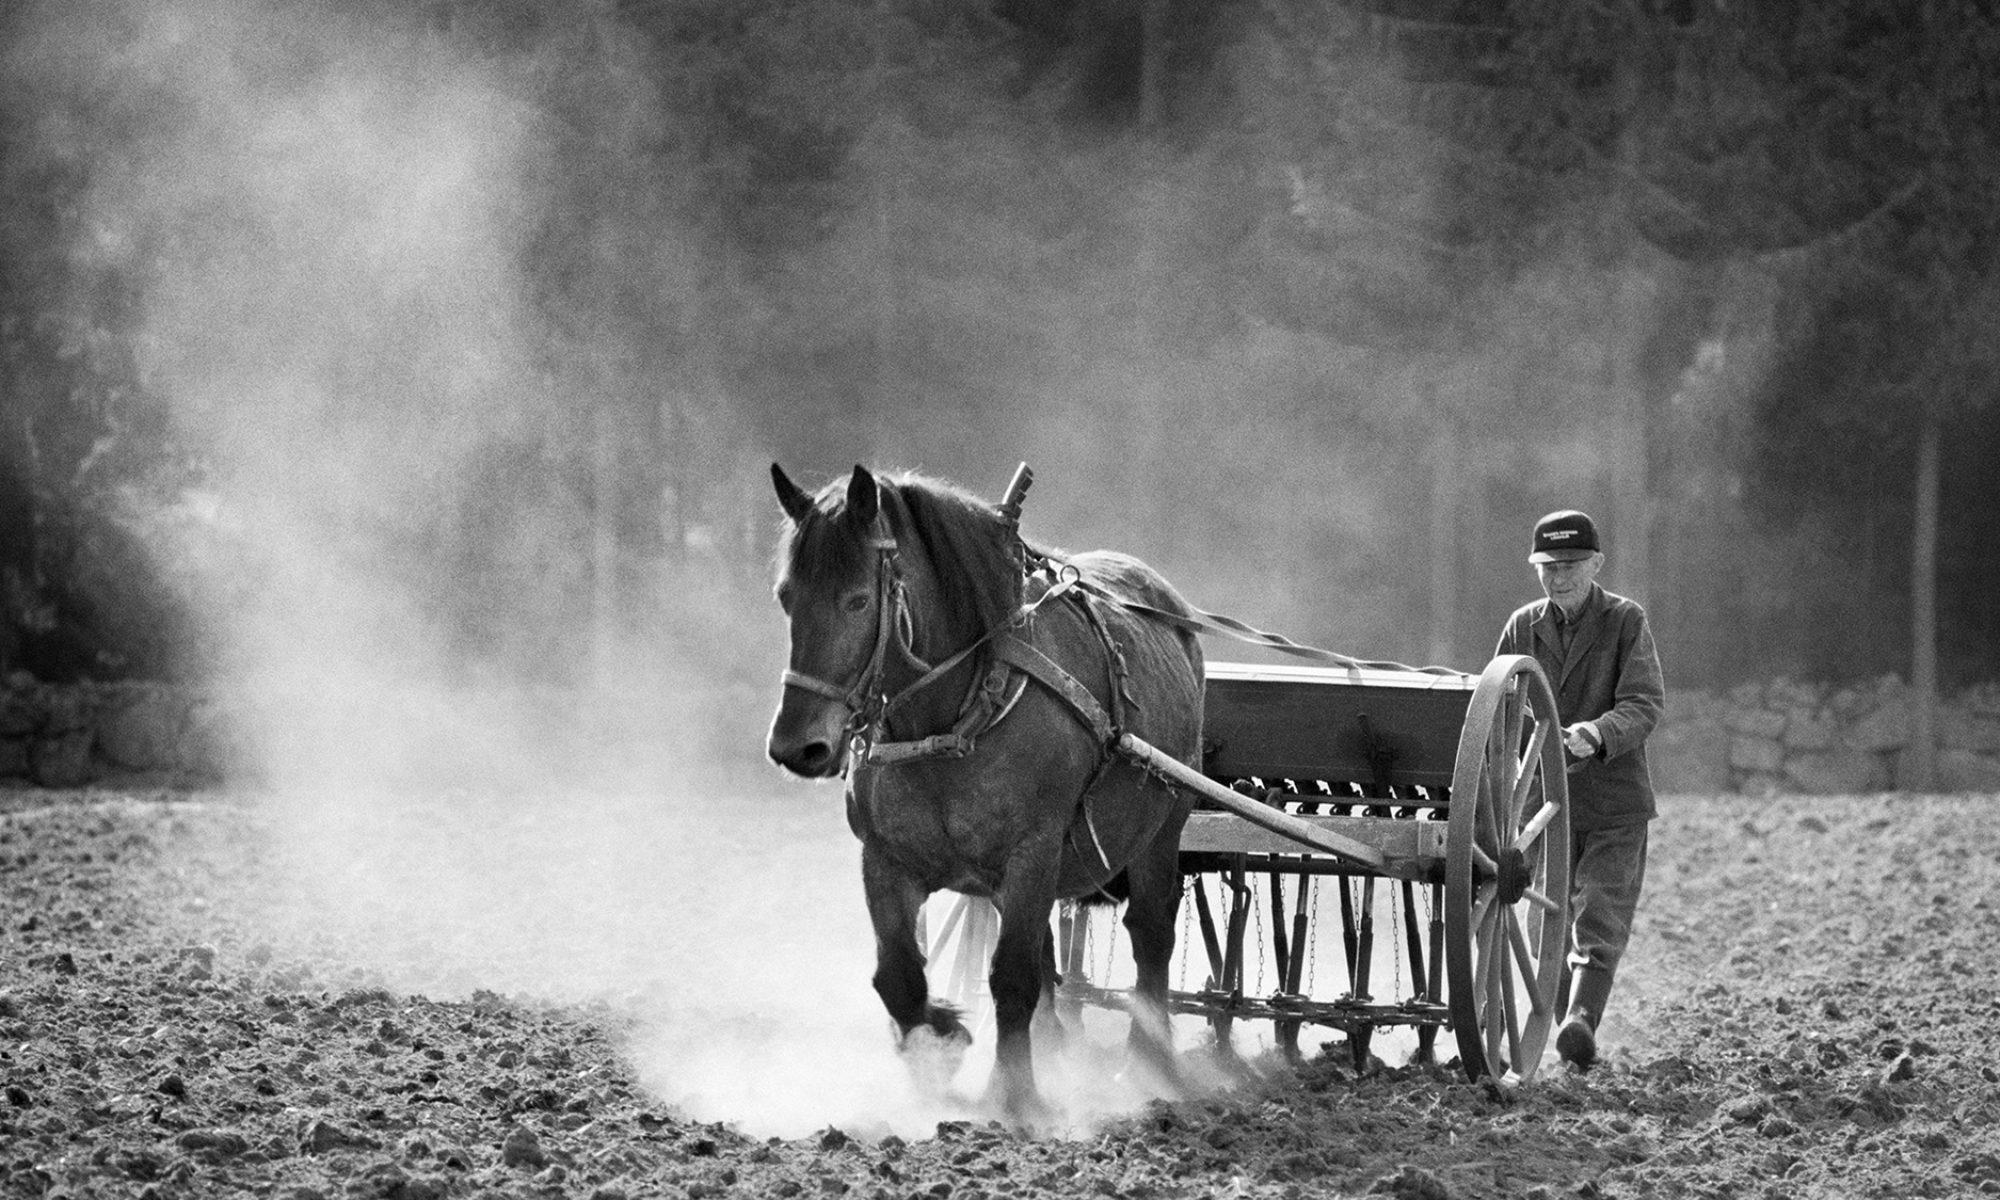 En äldre man kör en harv bakom en häst på en åker, bilden är svartvit